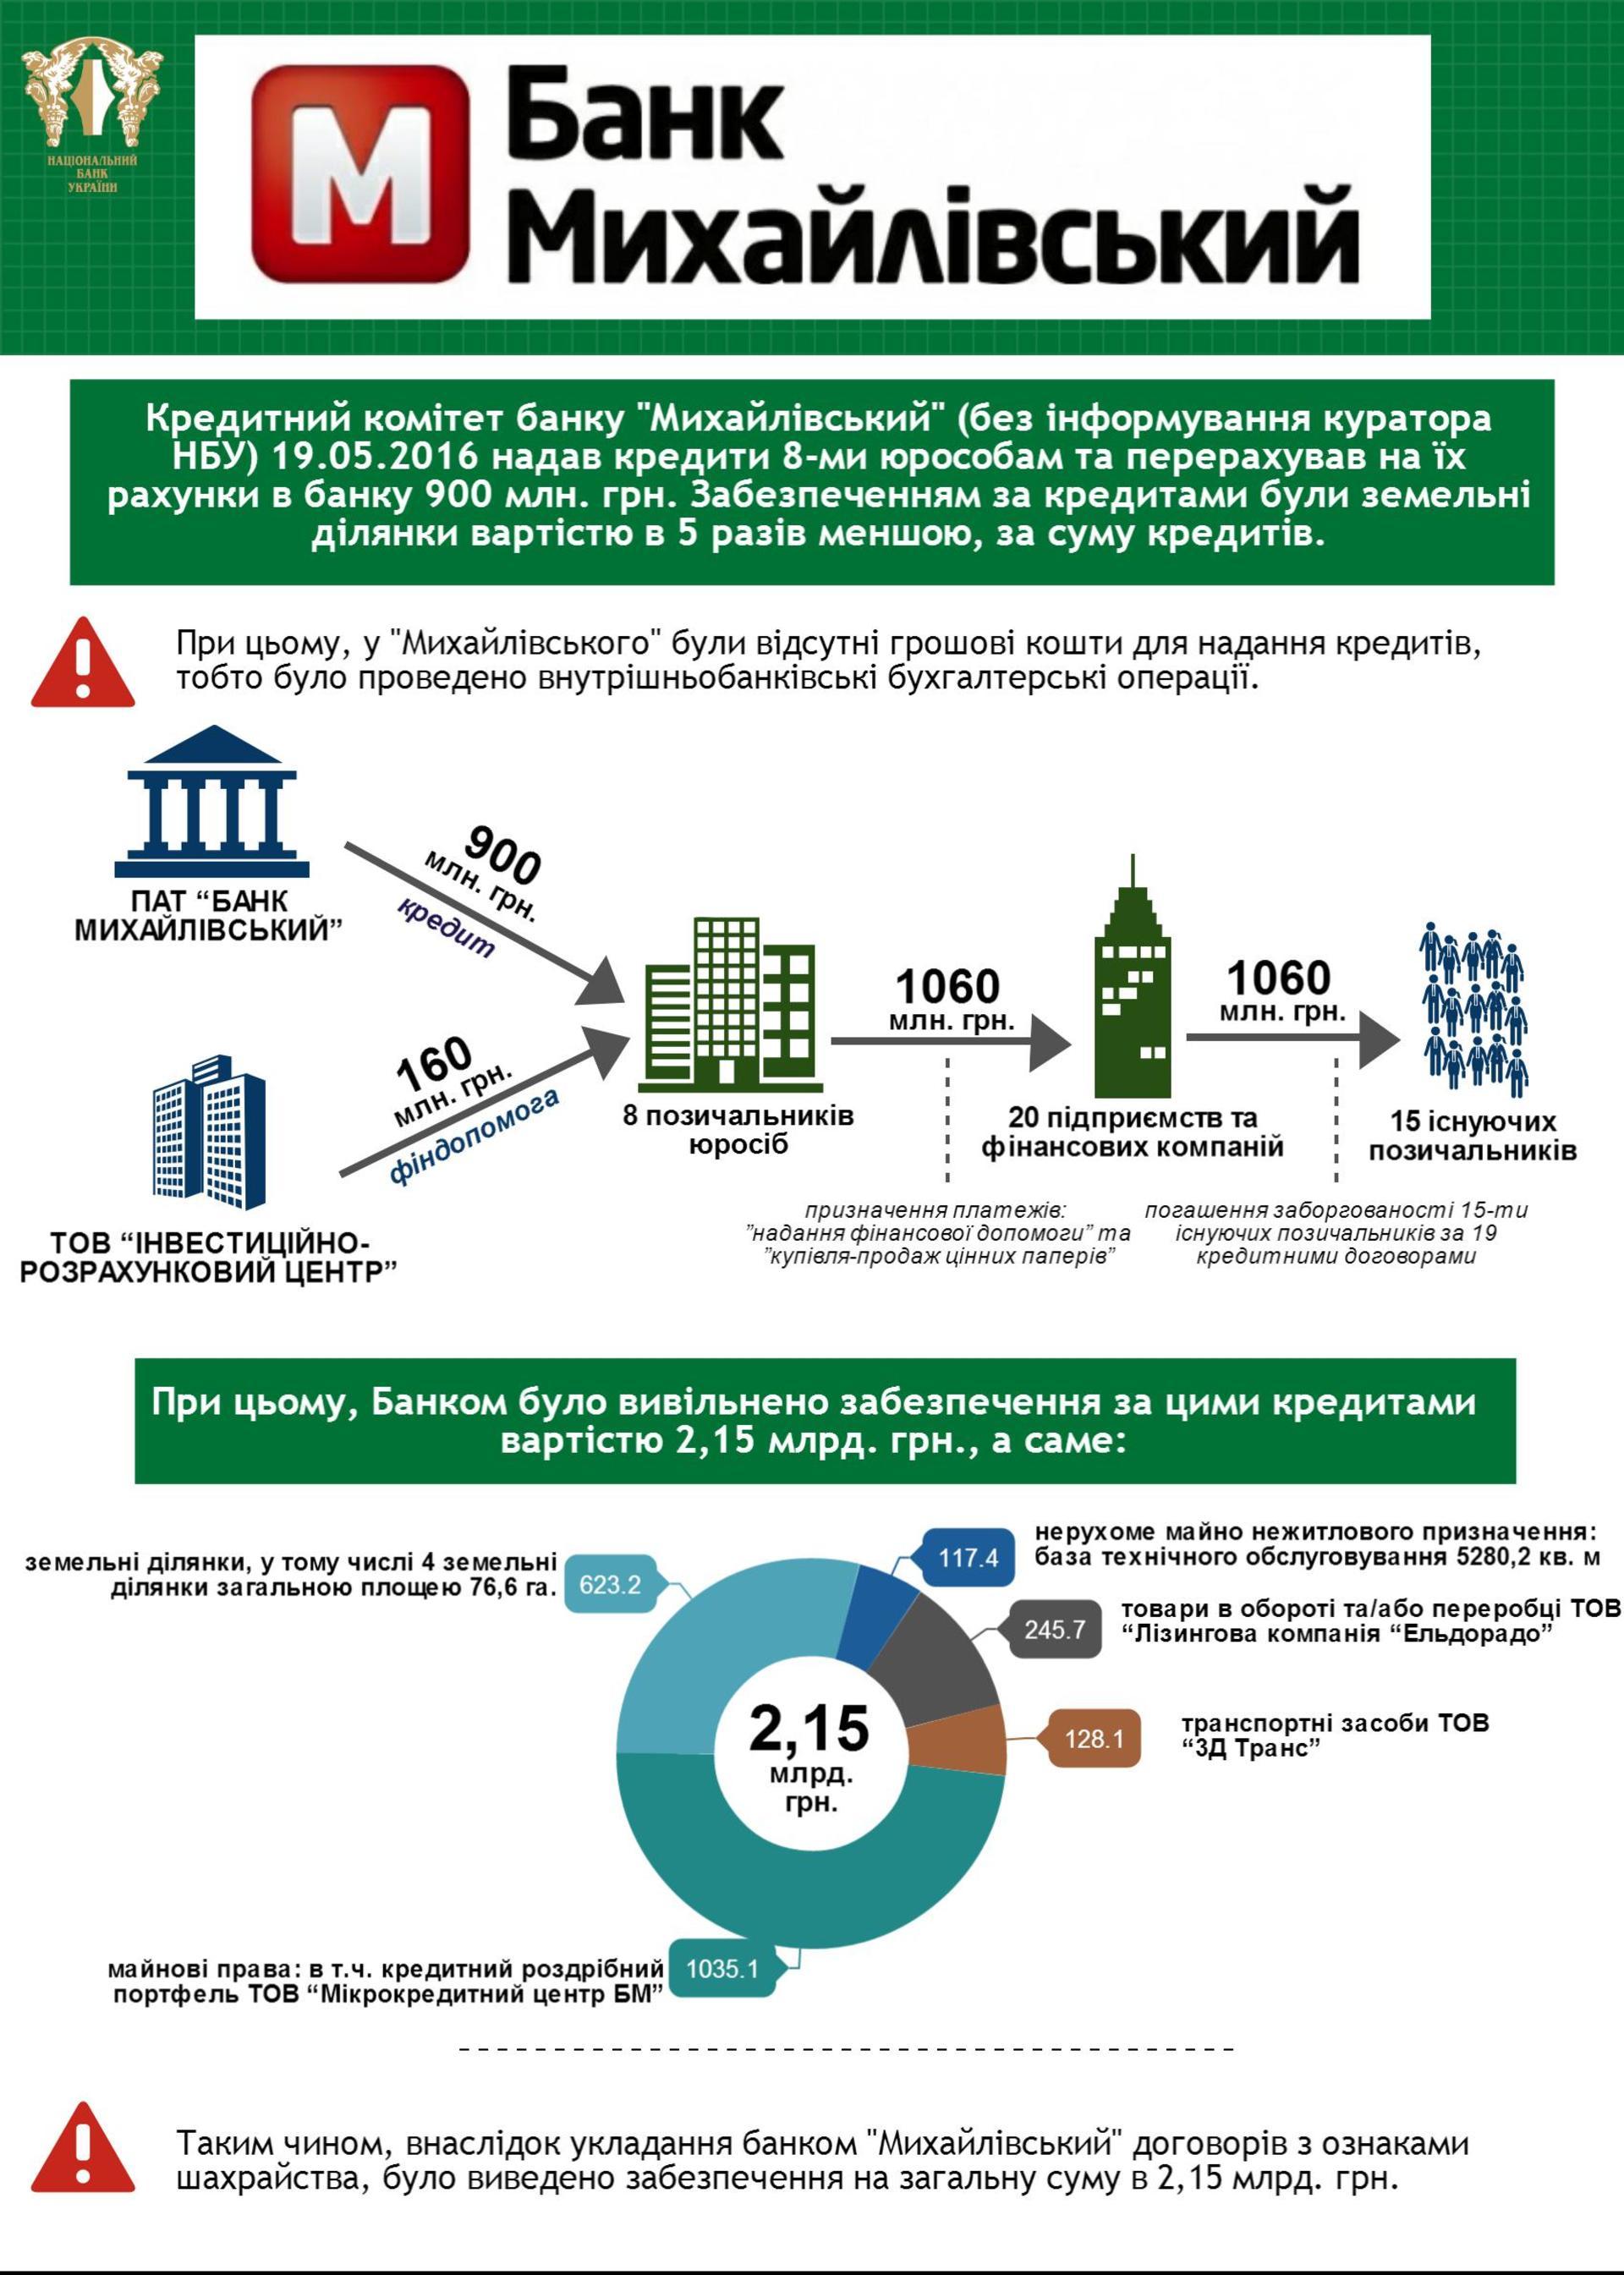 """Гонтарева пояснила, чому """"вкладники """"Михайлівського"""" залишаться без грошей (ІНФОГРАФІКА) - фото 1"""